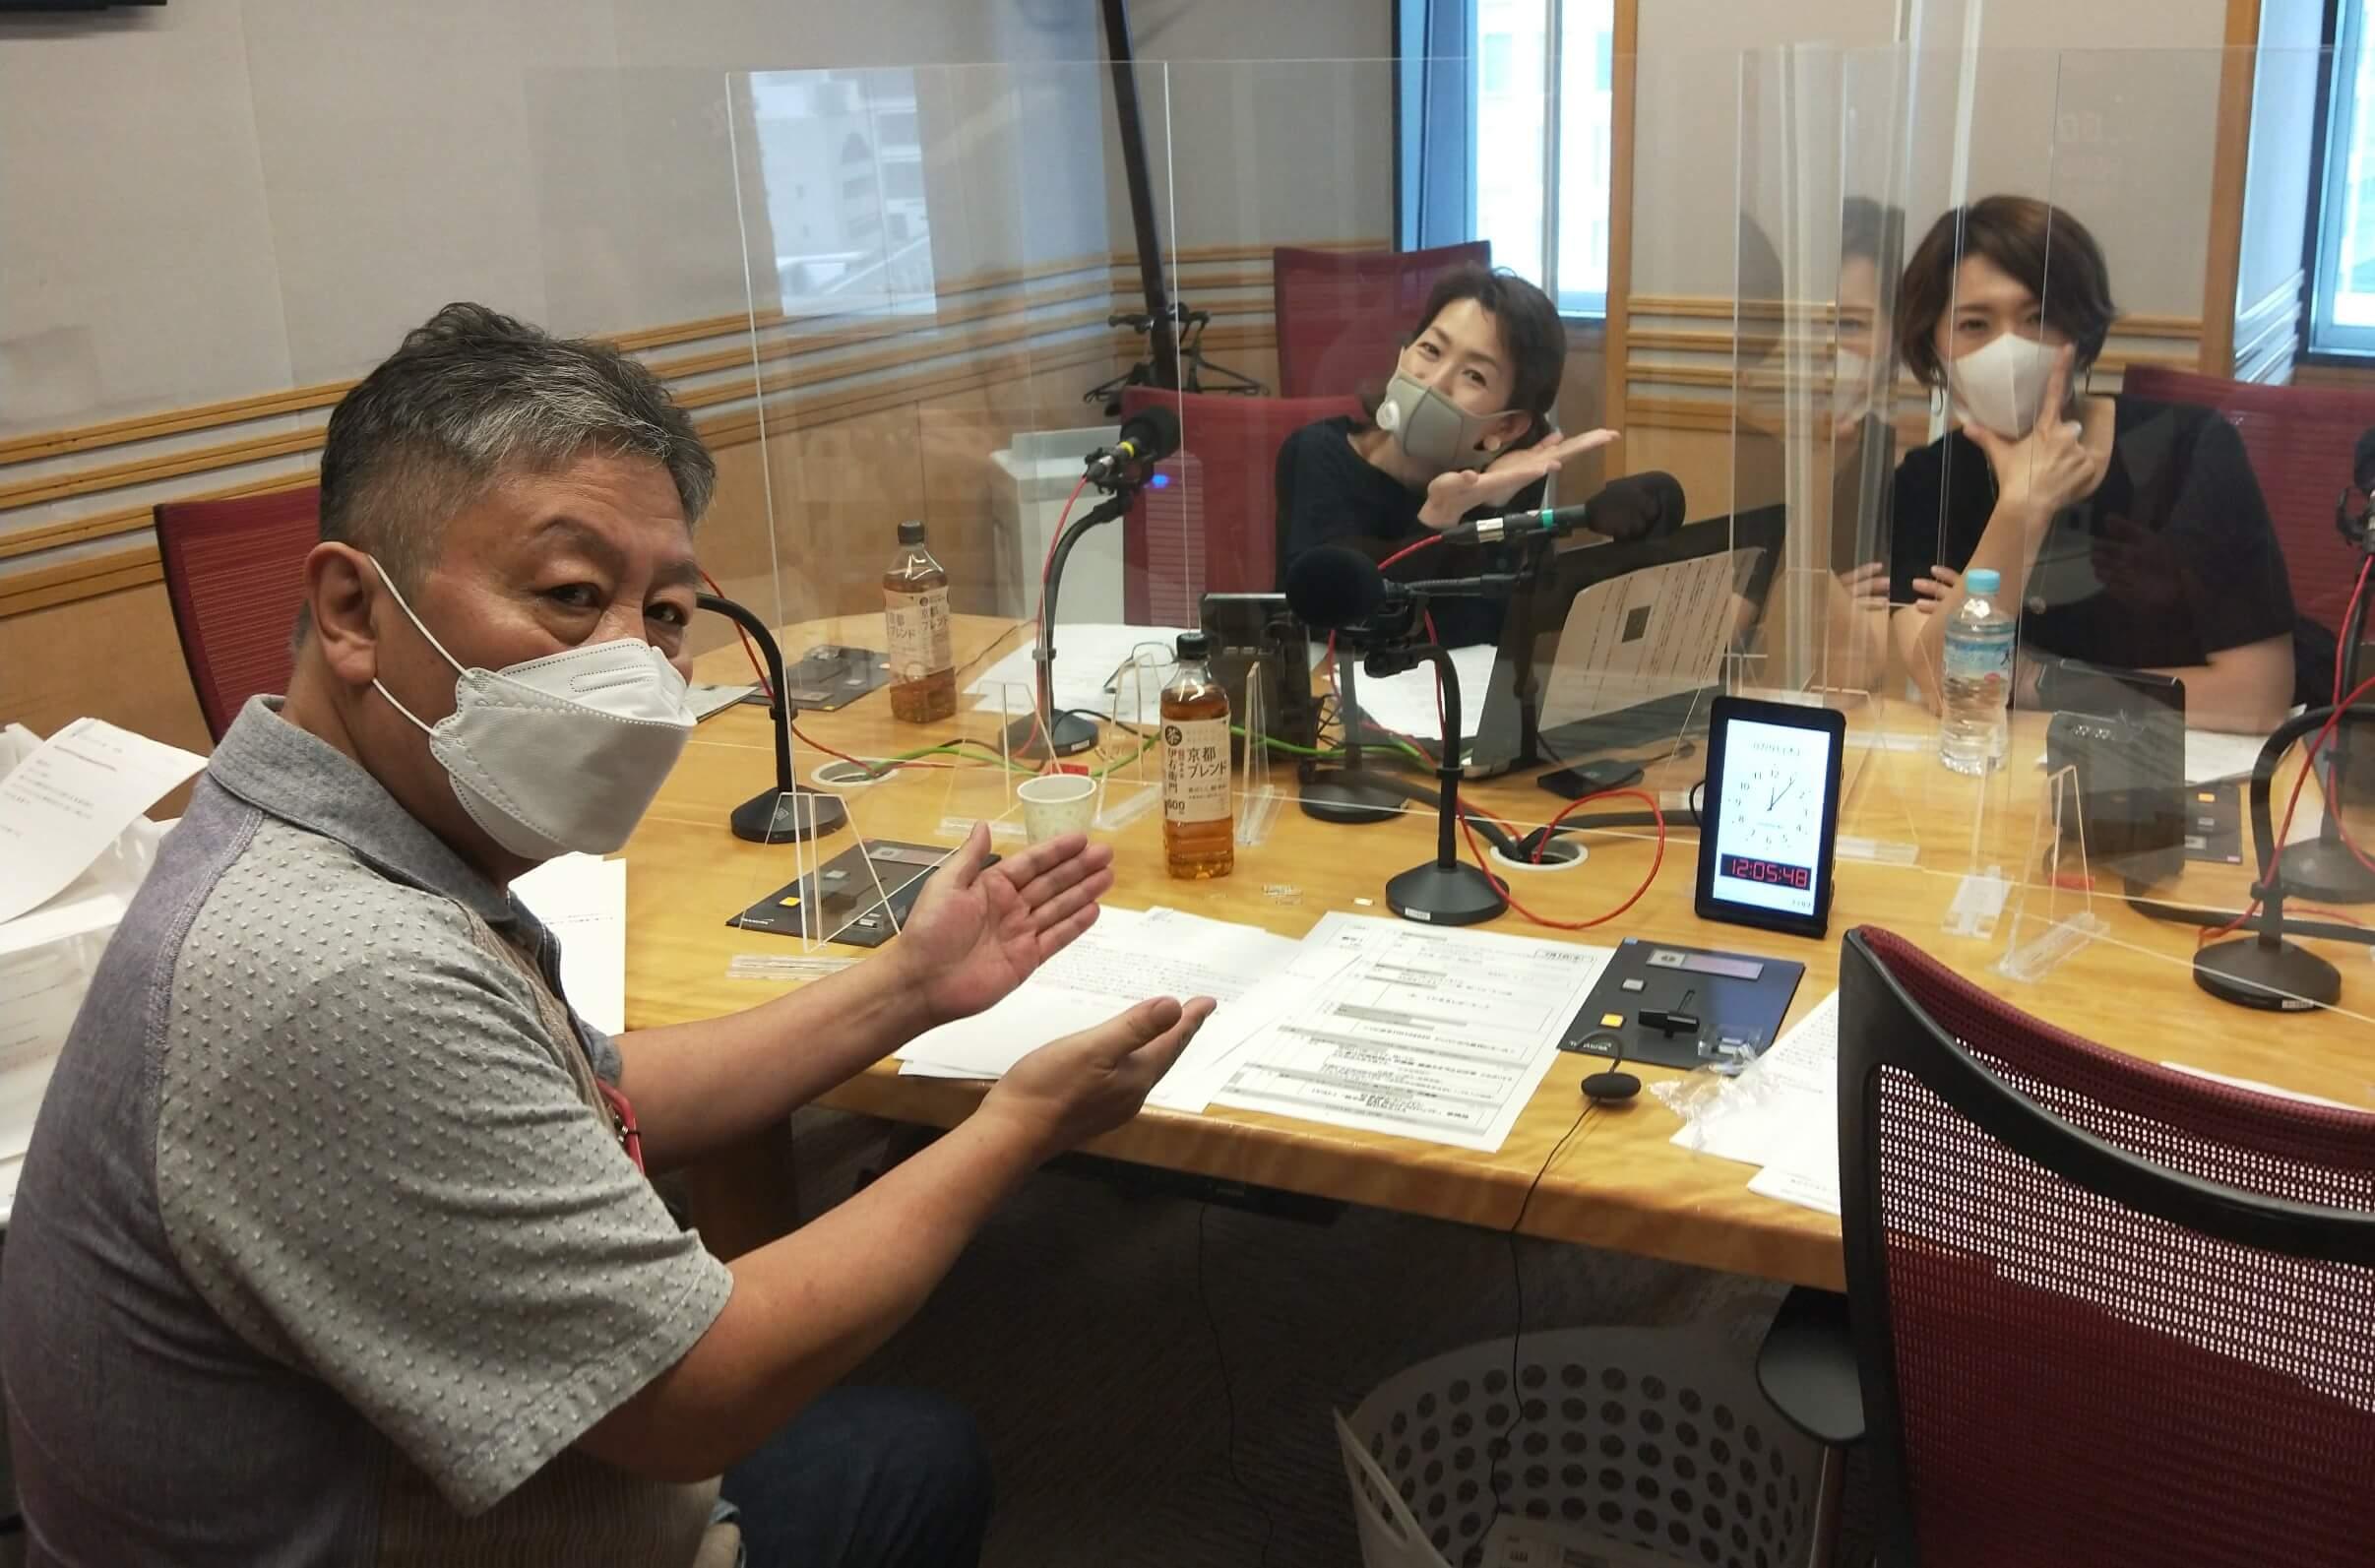 『くにまるジャパン極・くにまるレポーターズ』7月1日(木)のお客様:河崎環さん